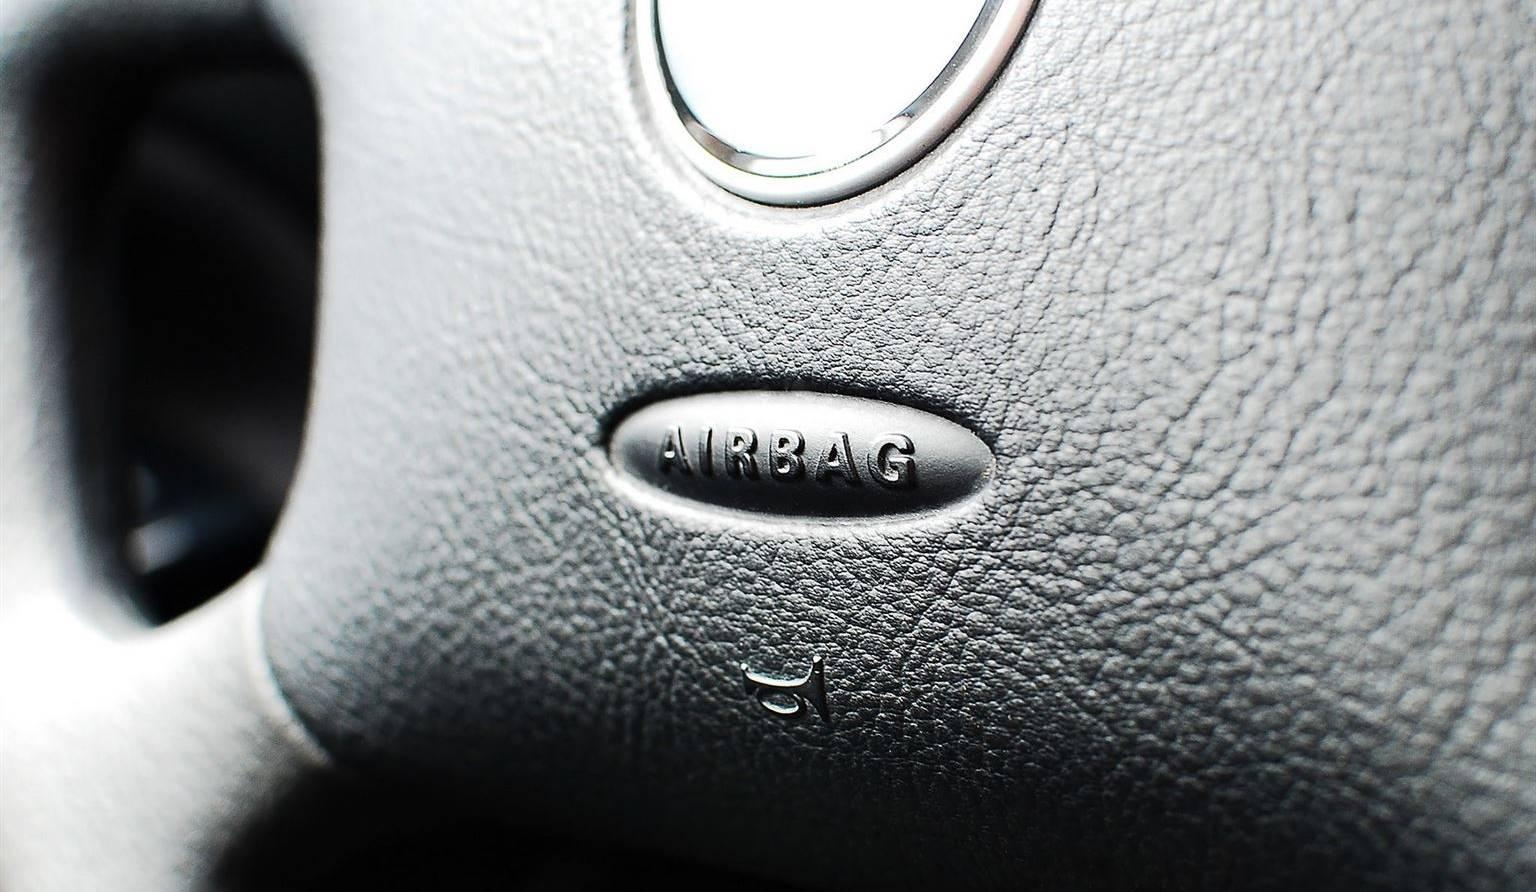 Coussins gonflables défectueux dans des millions de véhicules